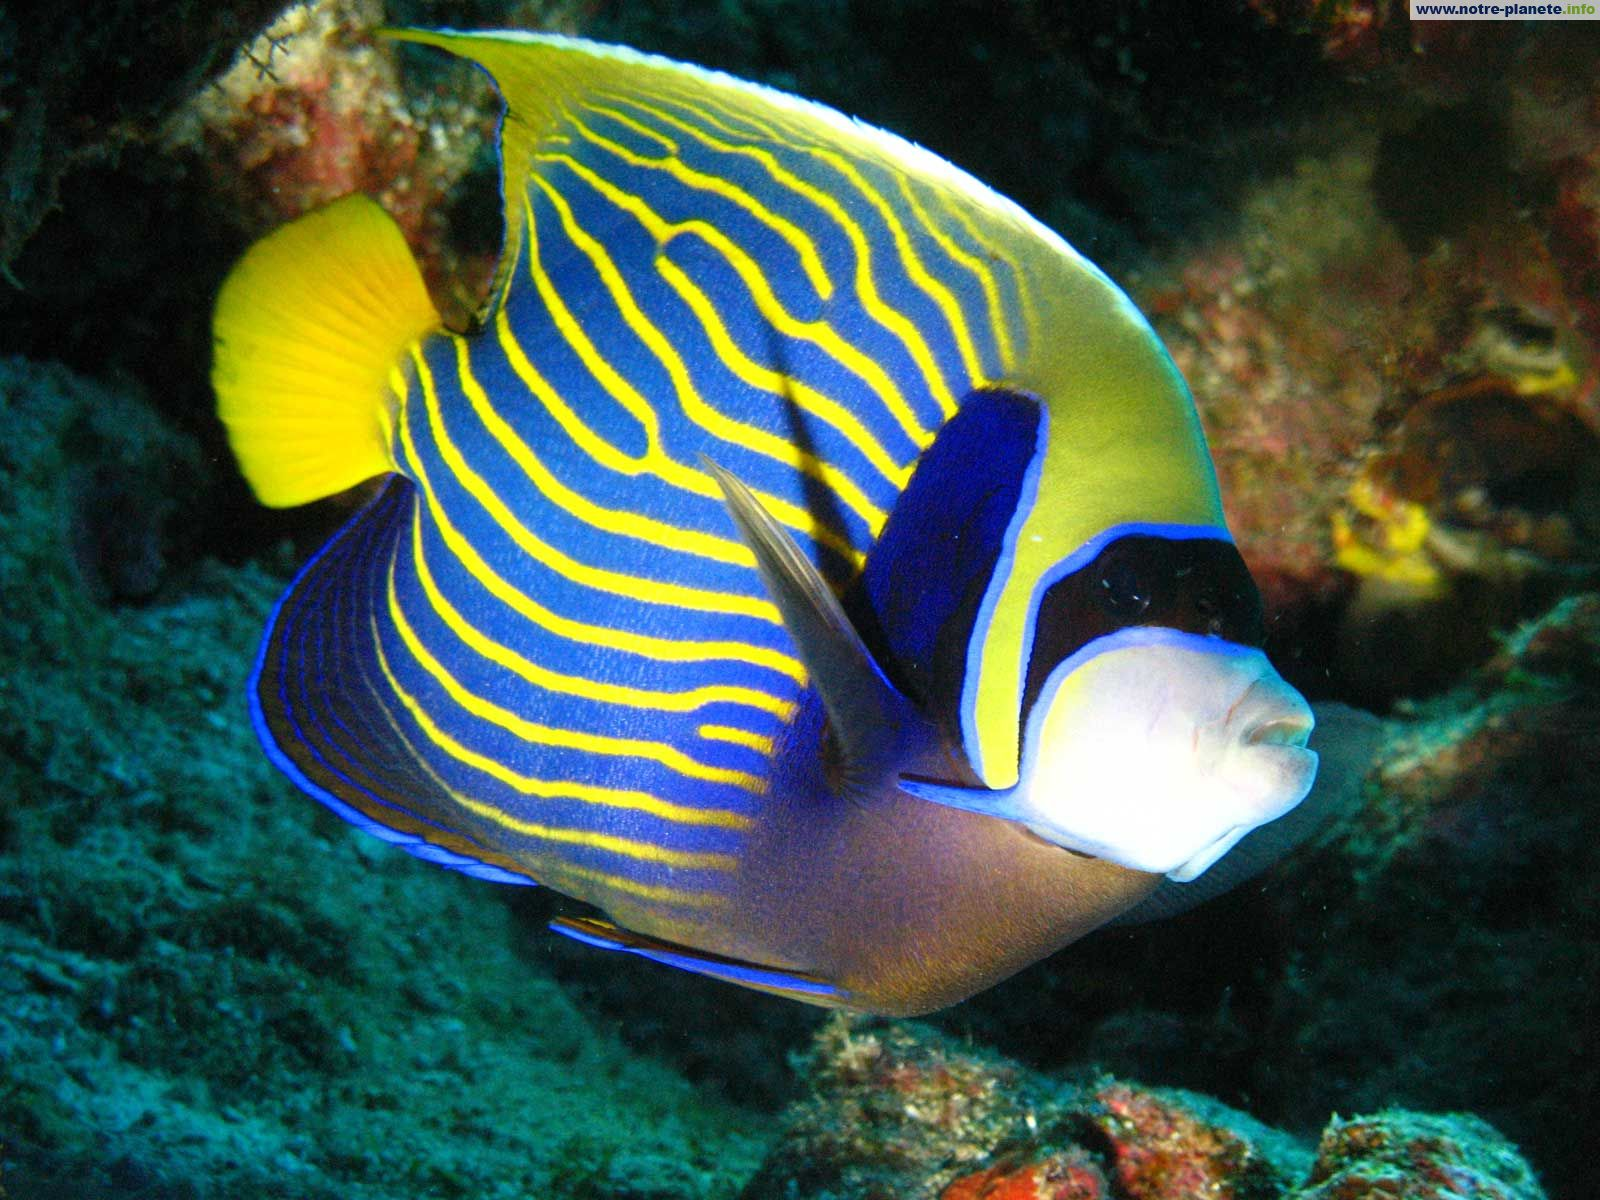 poisson ange empereur - Fond d'écran - Kuldi i sal - Photos - Club ...